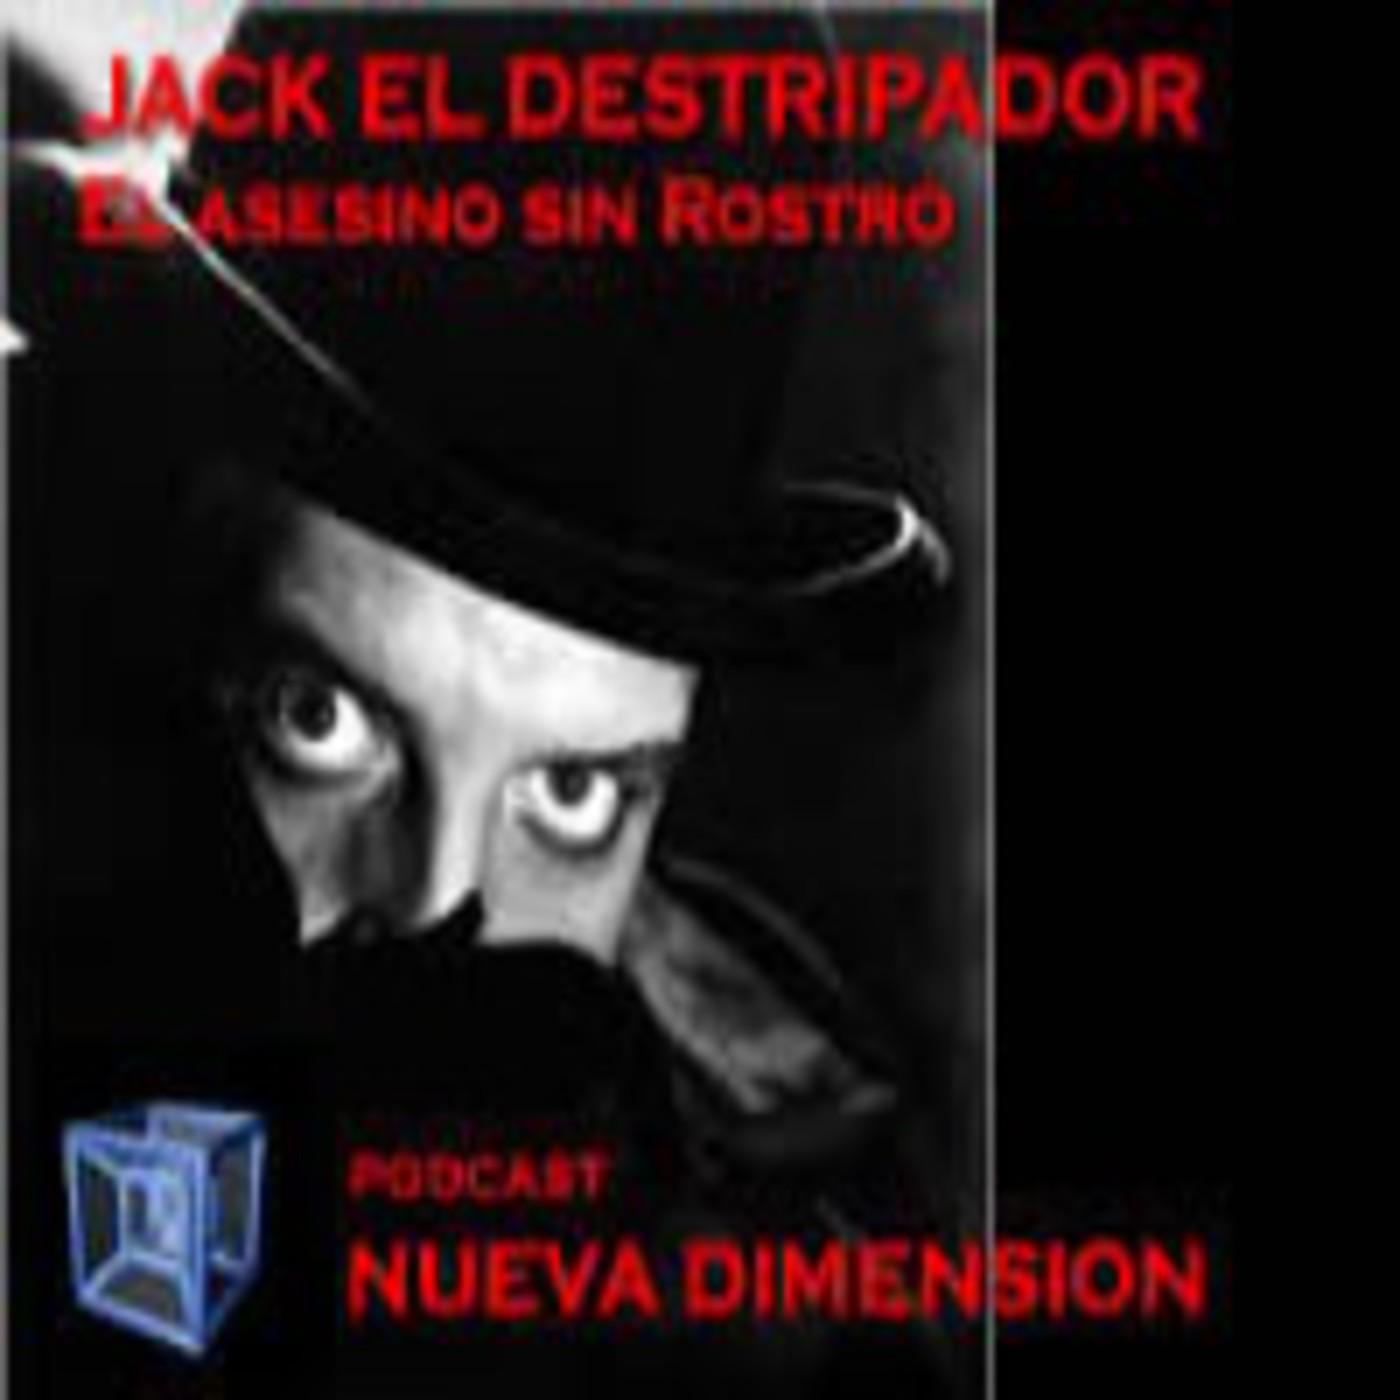 JACK El DESTRIPADOR - El asesino sin rostro